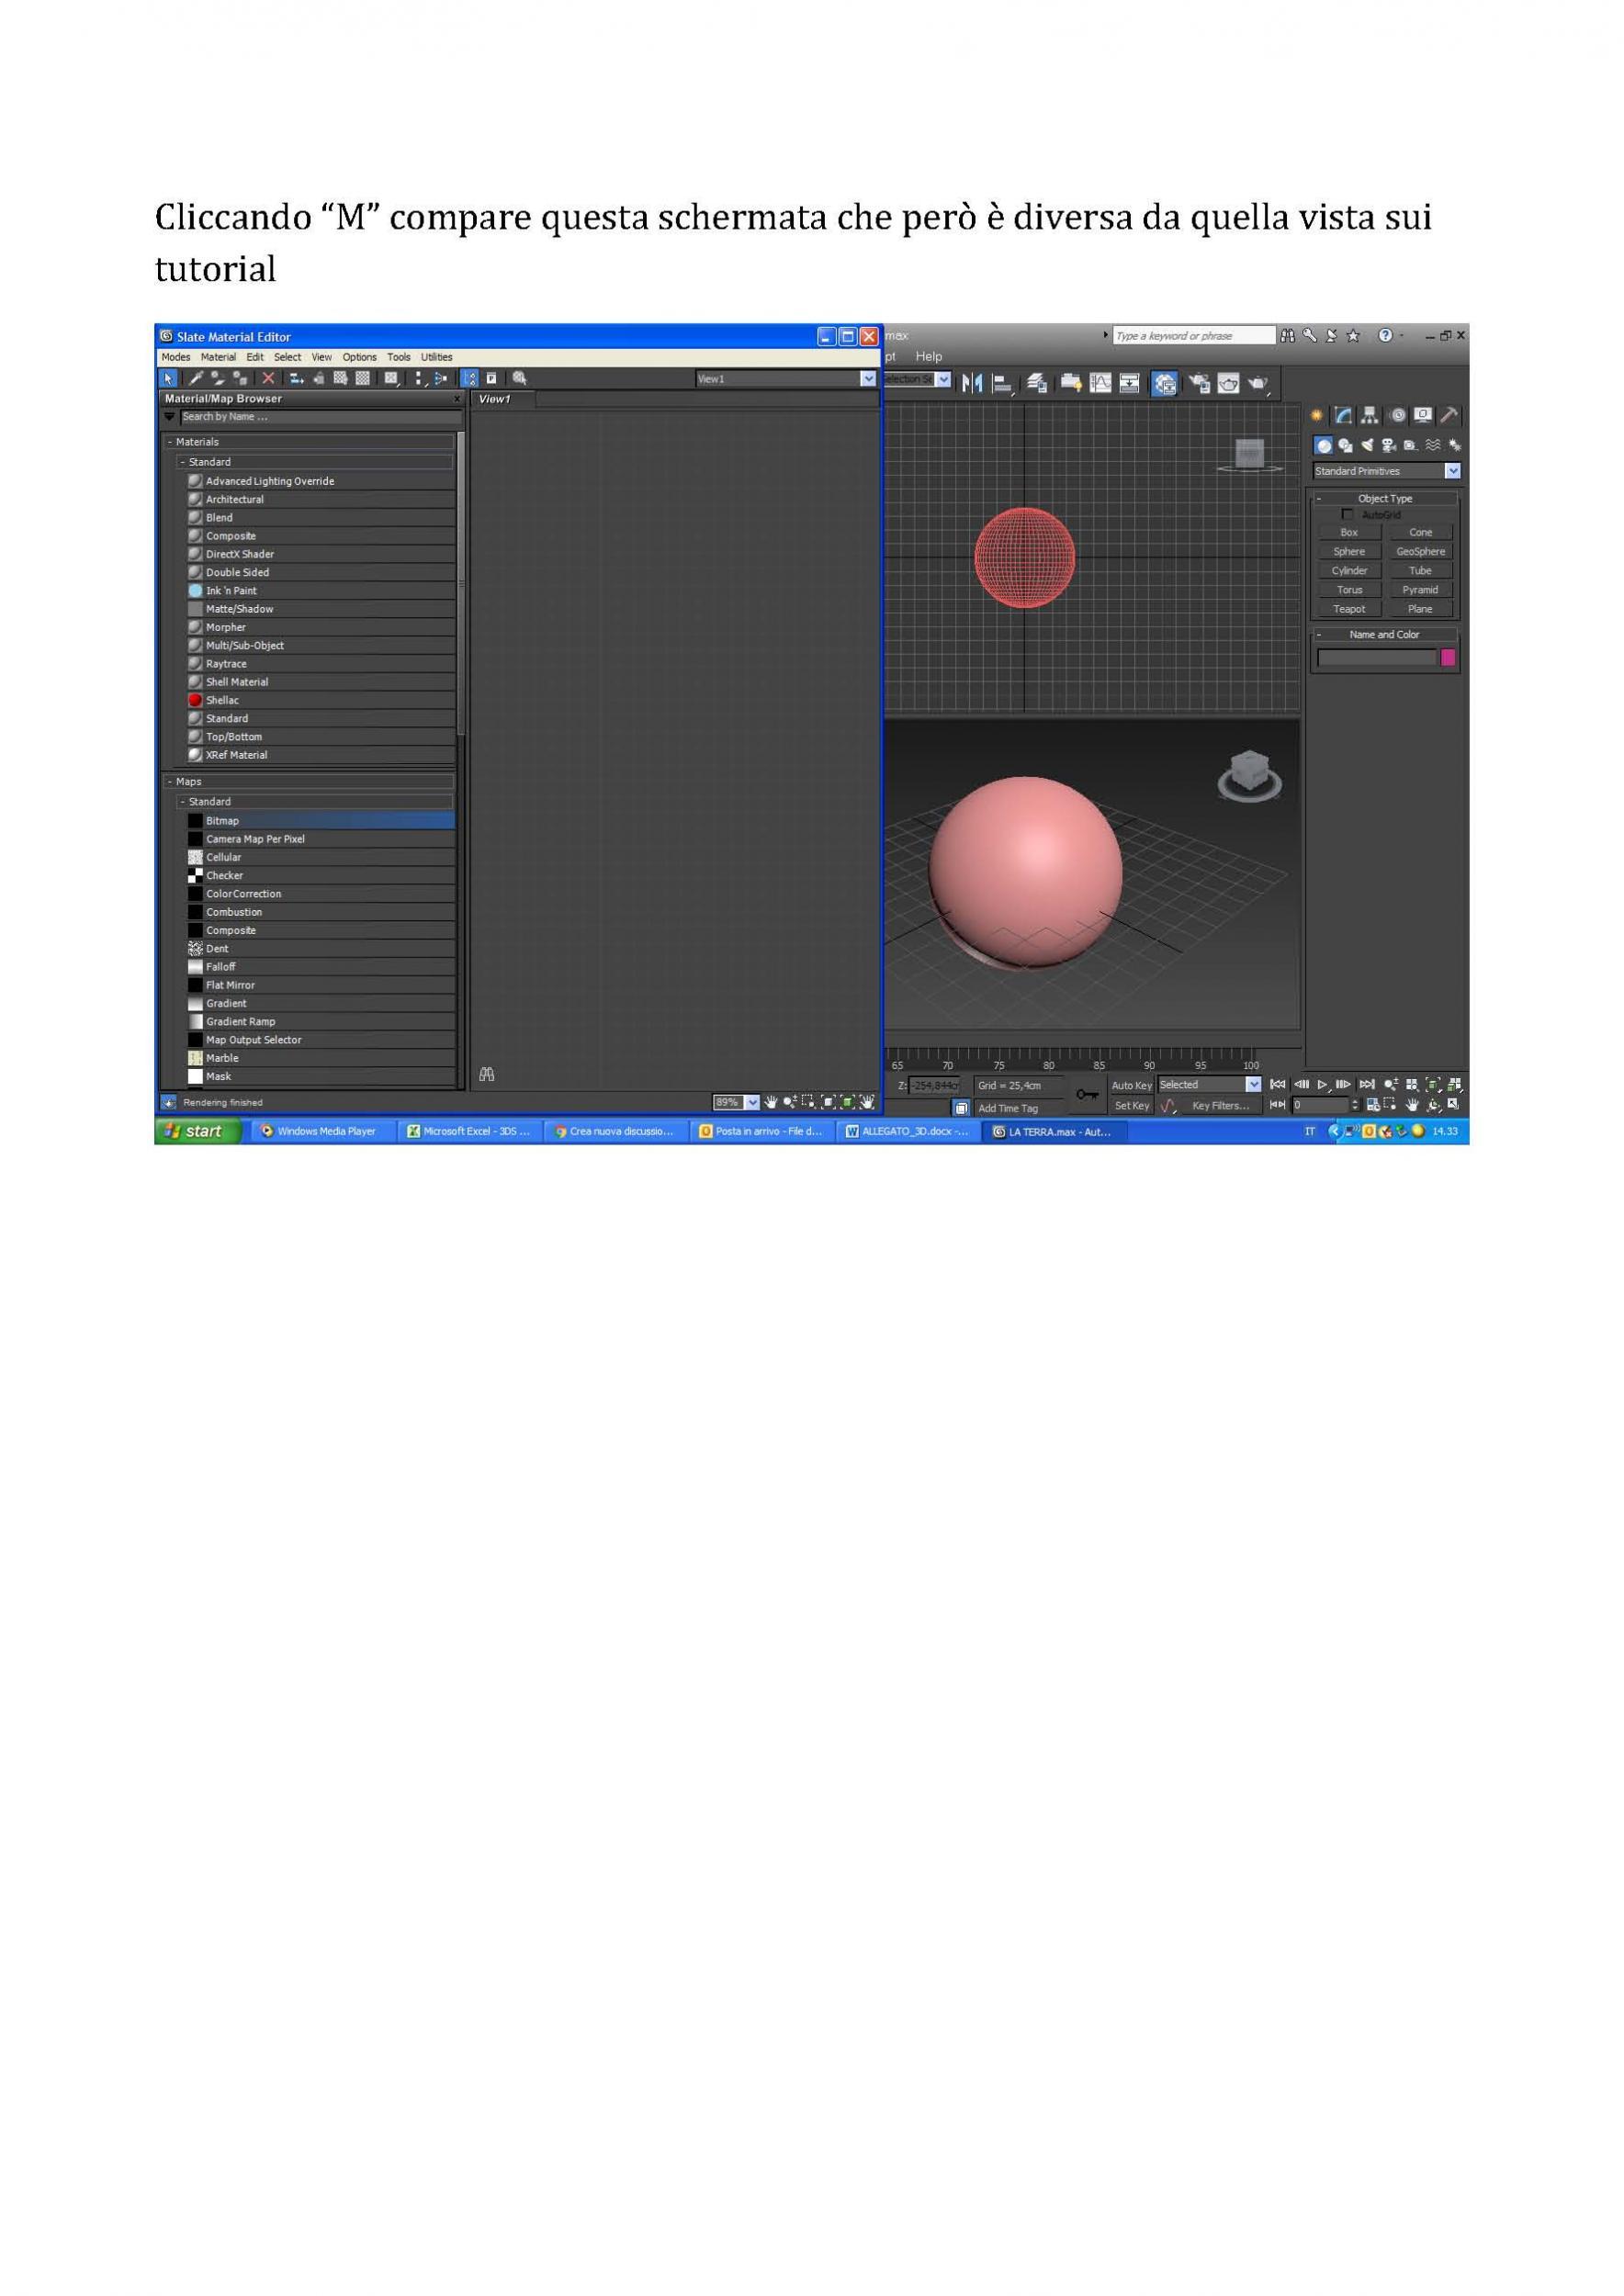 ALLEGATO_3D.jpg